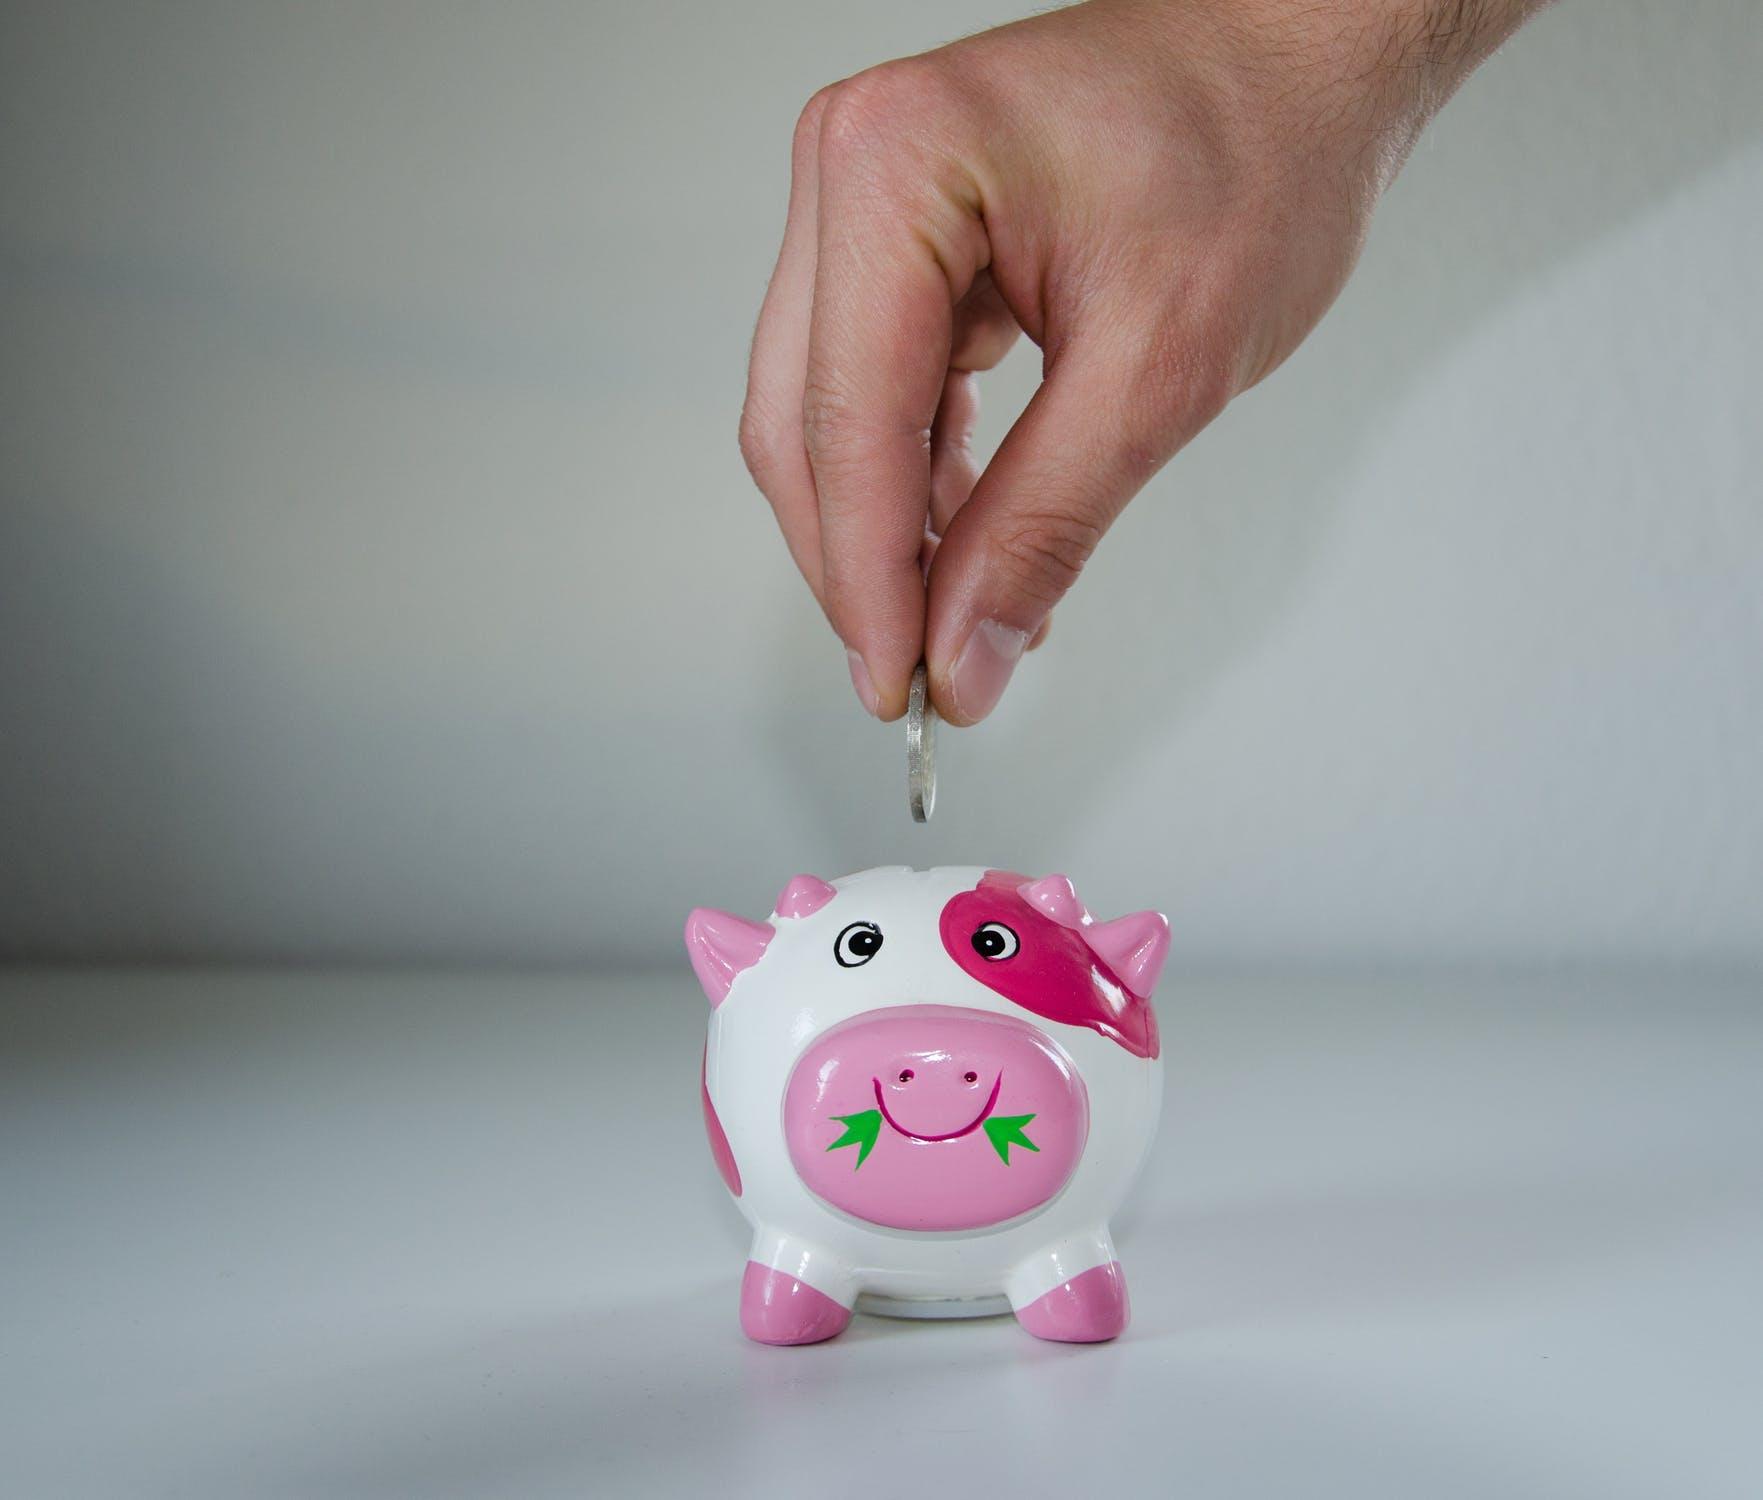 Un Ejercicio para Ahorrar Dinero